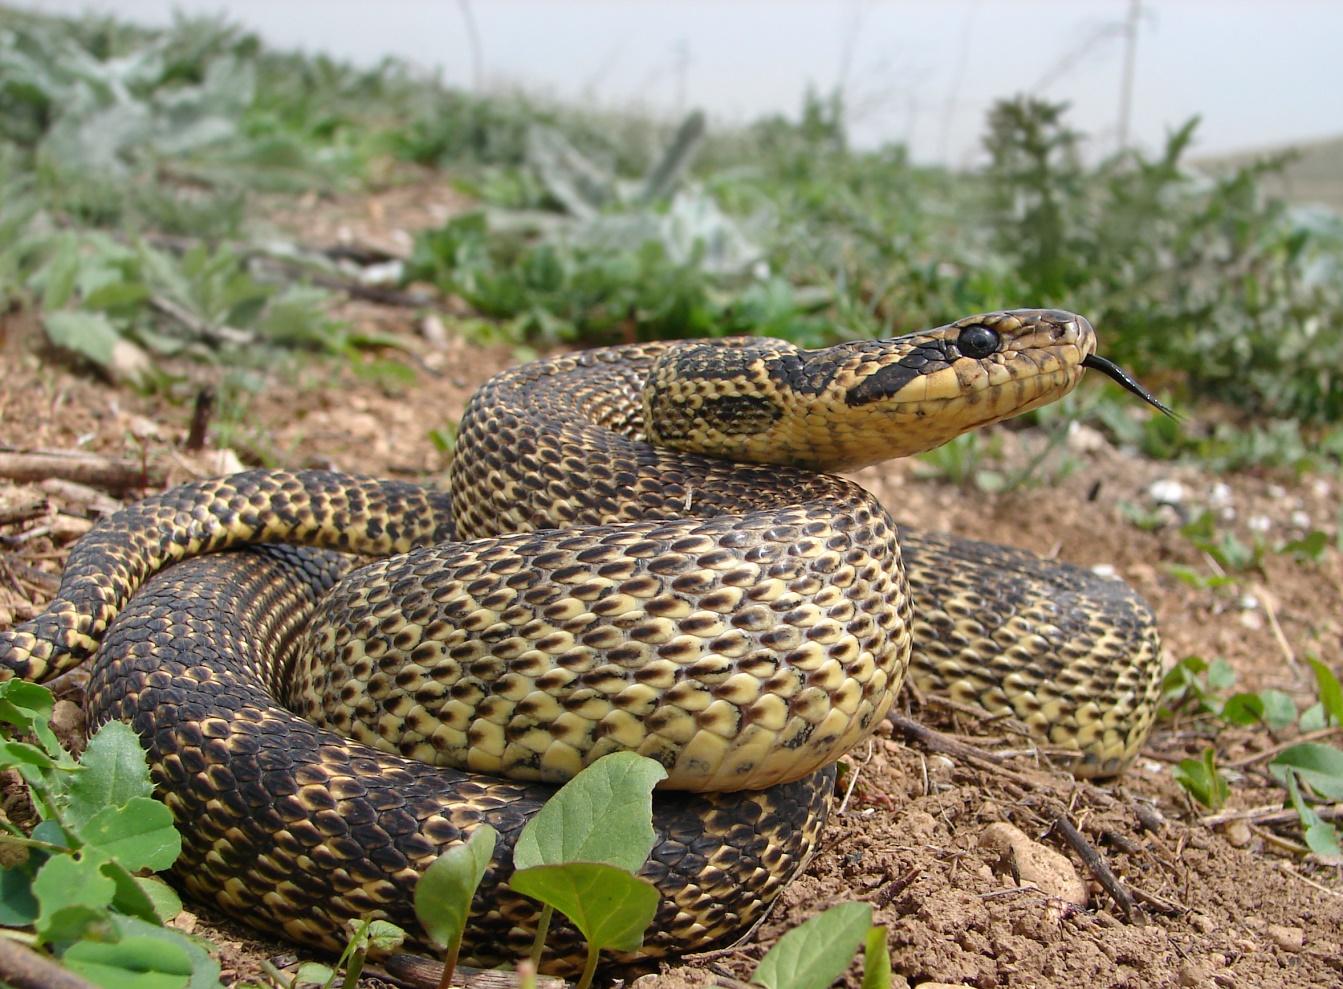 Пъстър смок /Elaphe sauromates/ - среща се основно в югоизточна България, не е отровен.